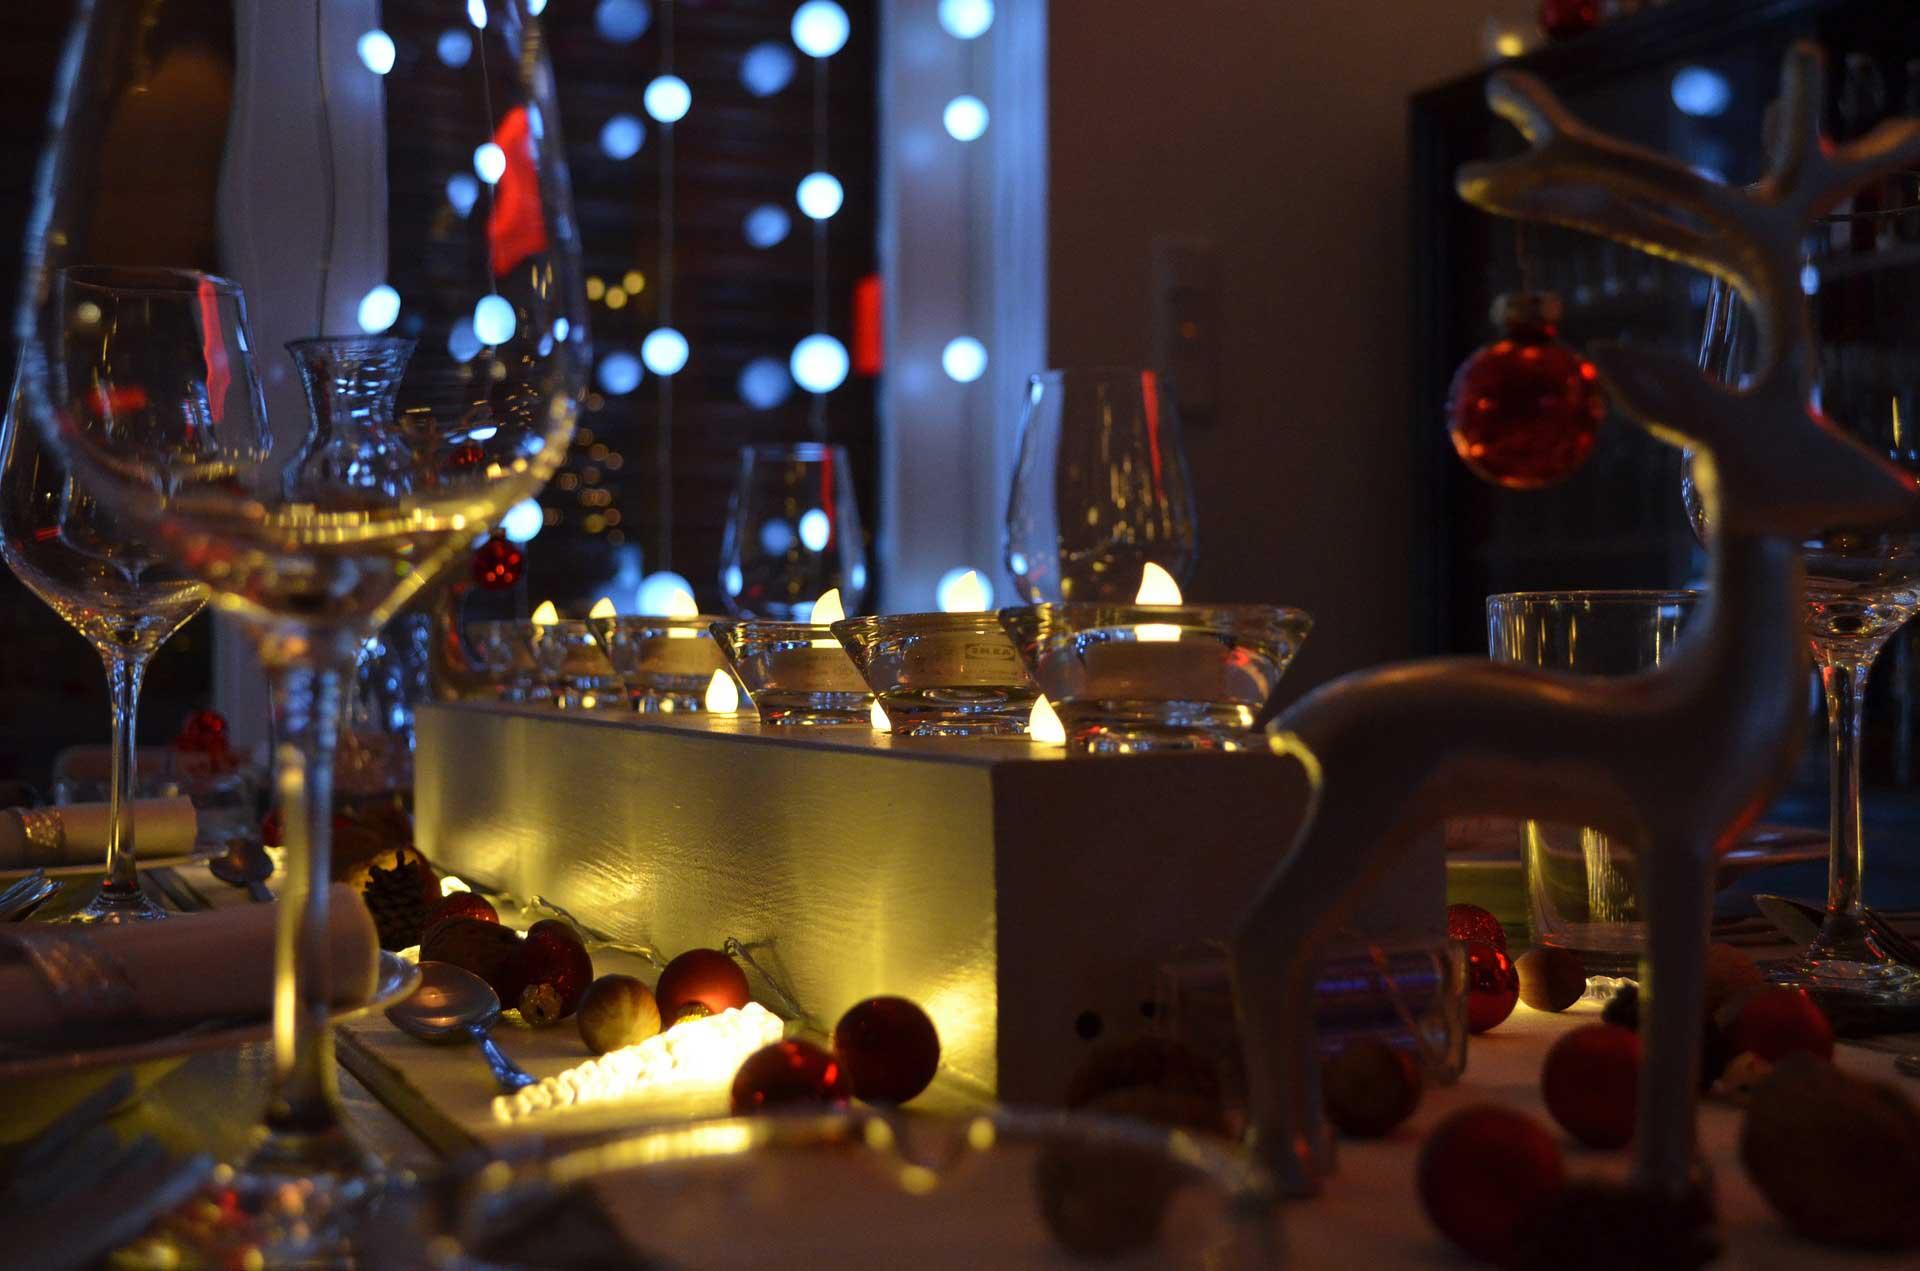 Il Natale in tavola, allestirla con gusto non è da tutti, ma basta seguire questi cinque consigli